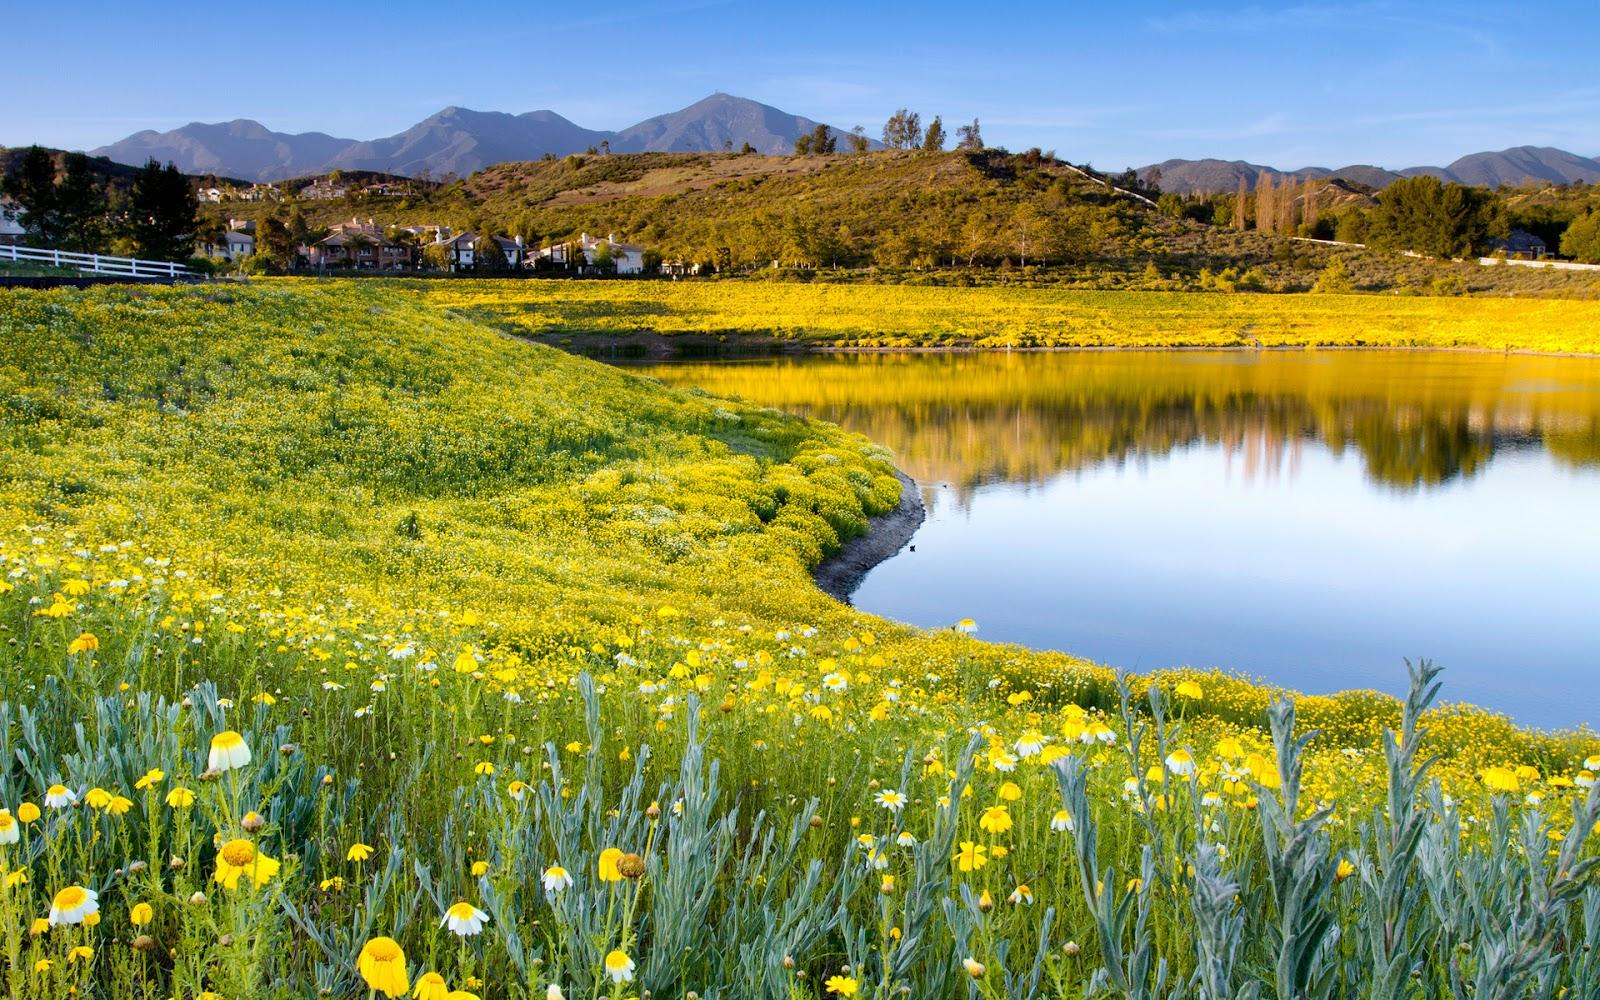 Banco de Imágenes Gratis: Imágenes de flores para el día